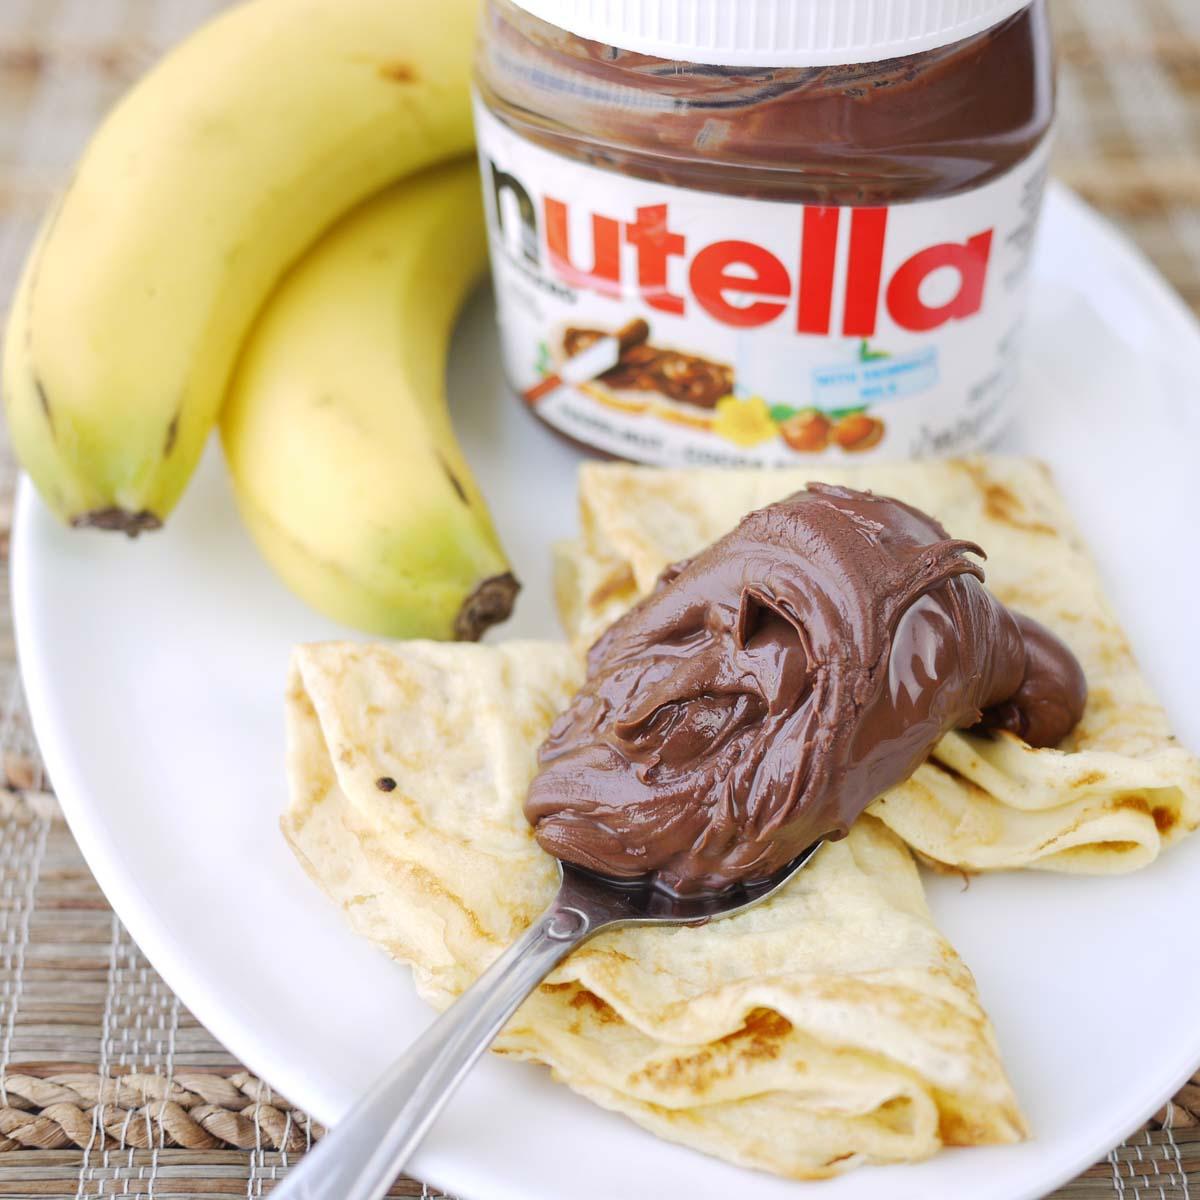 04 Banana Nutella Crepes